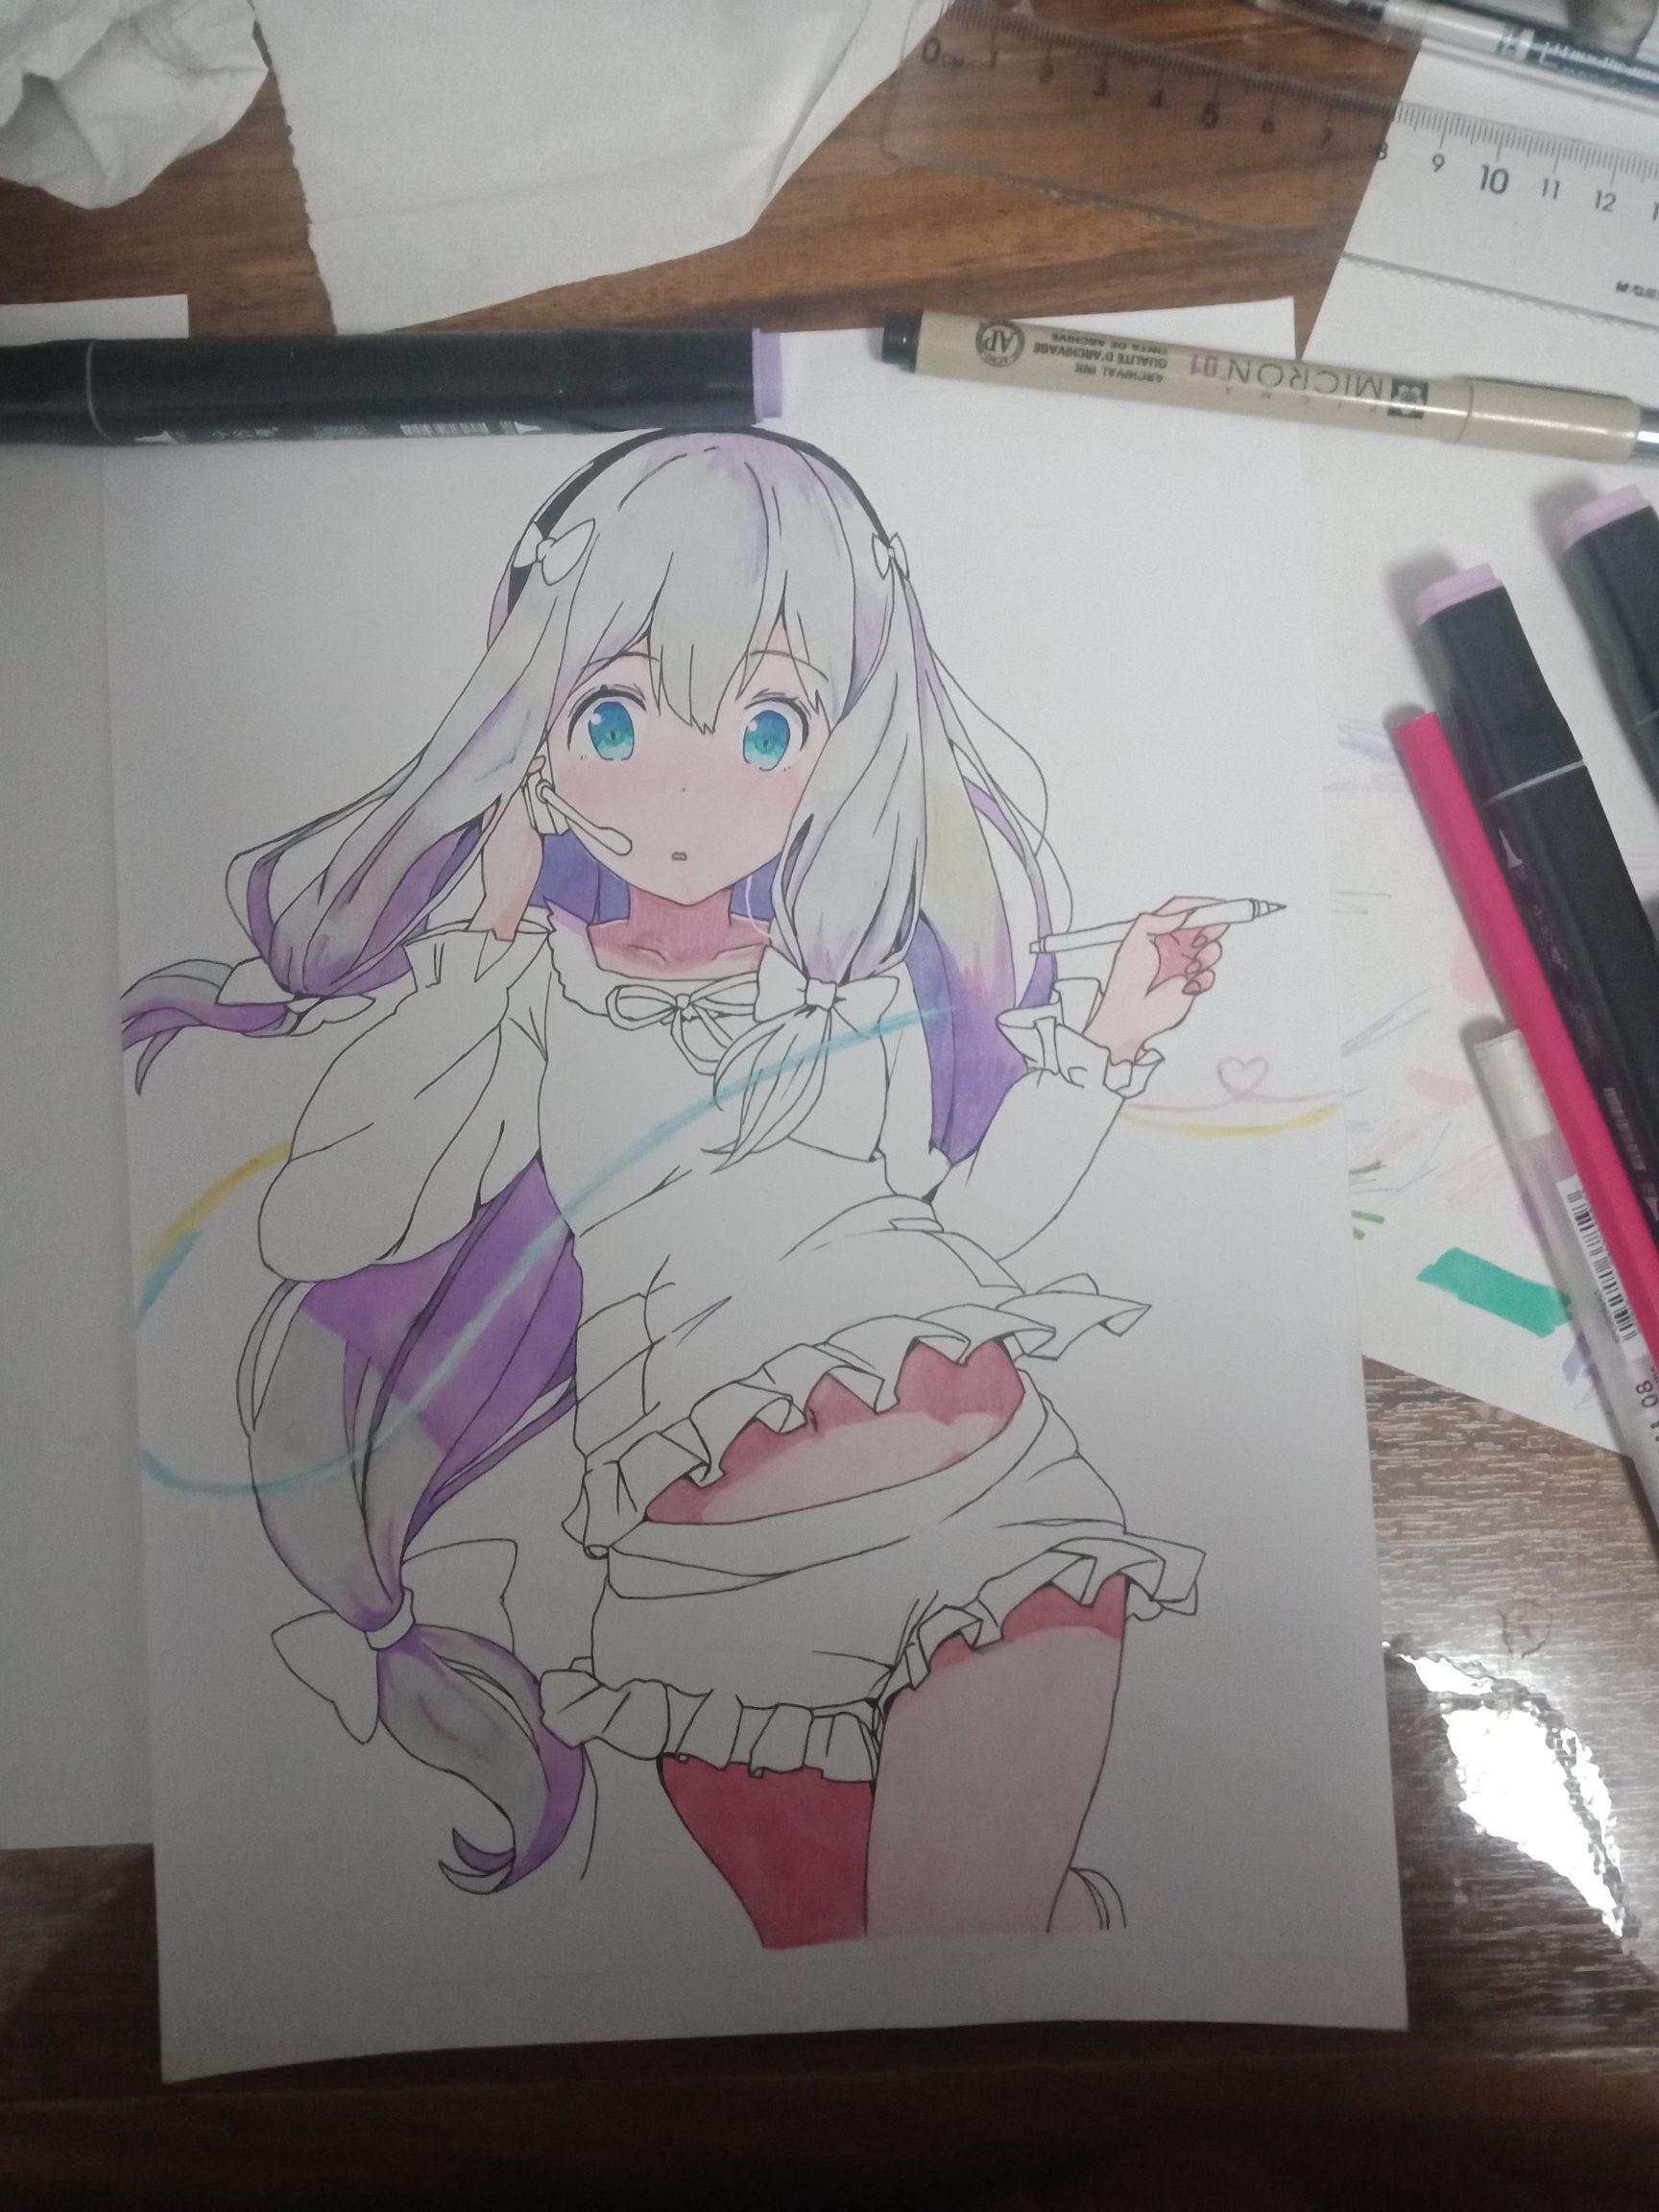 【手绘】发个帖画画。